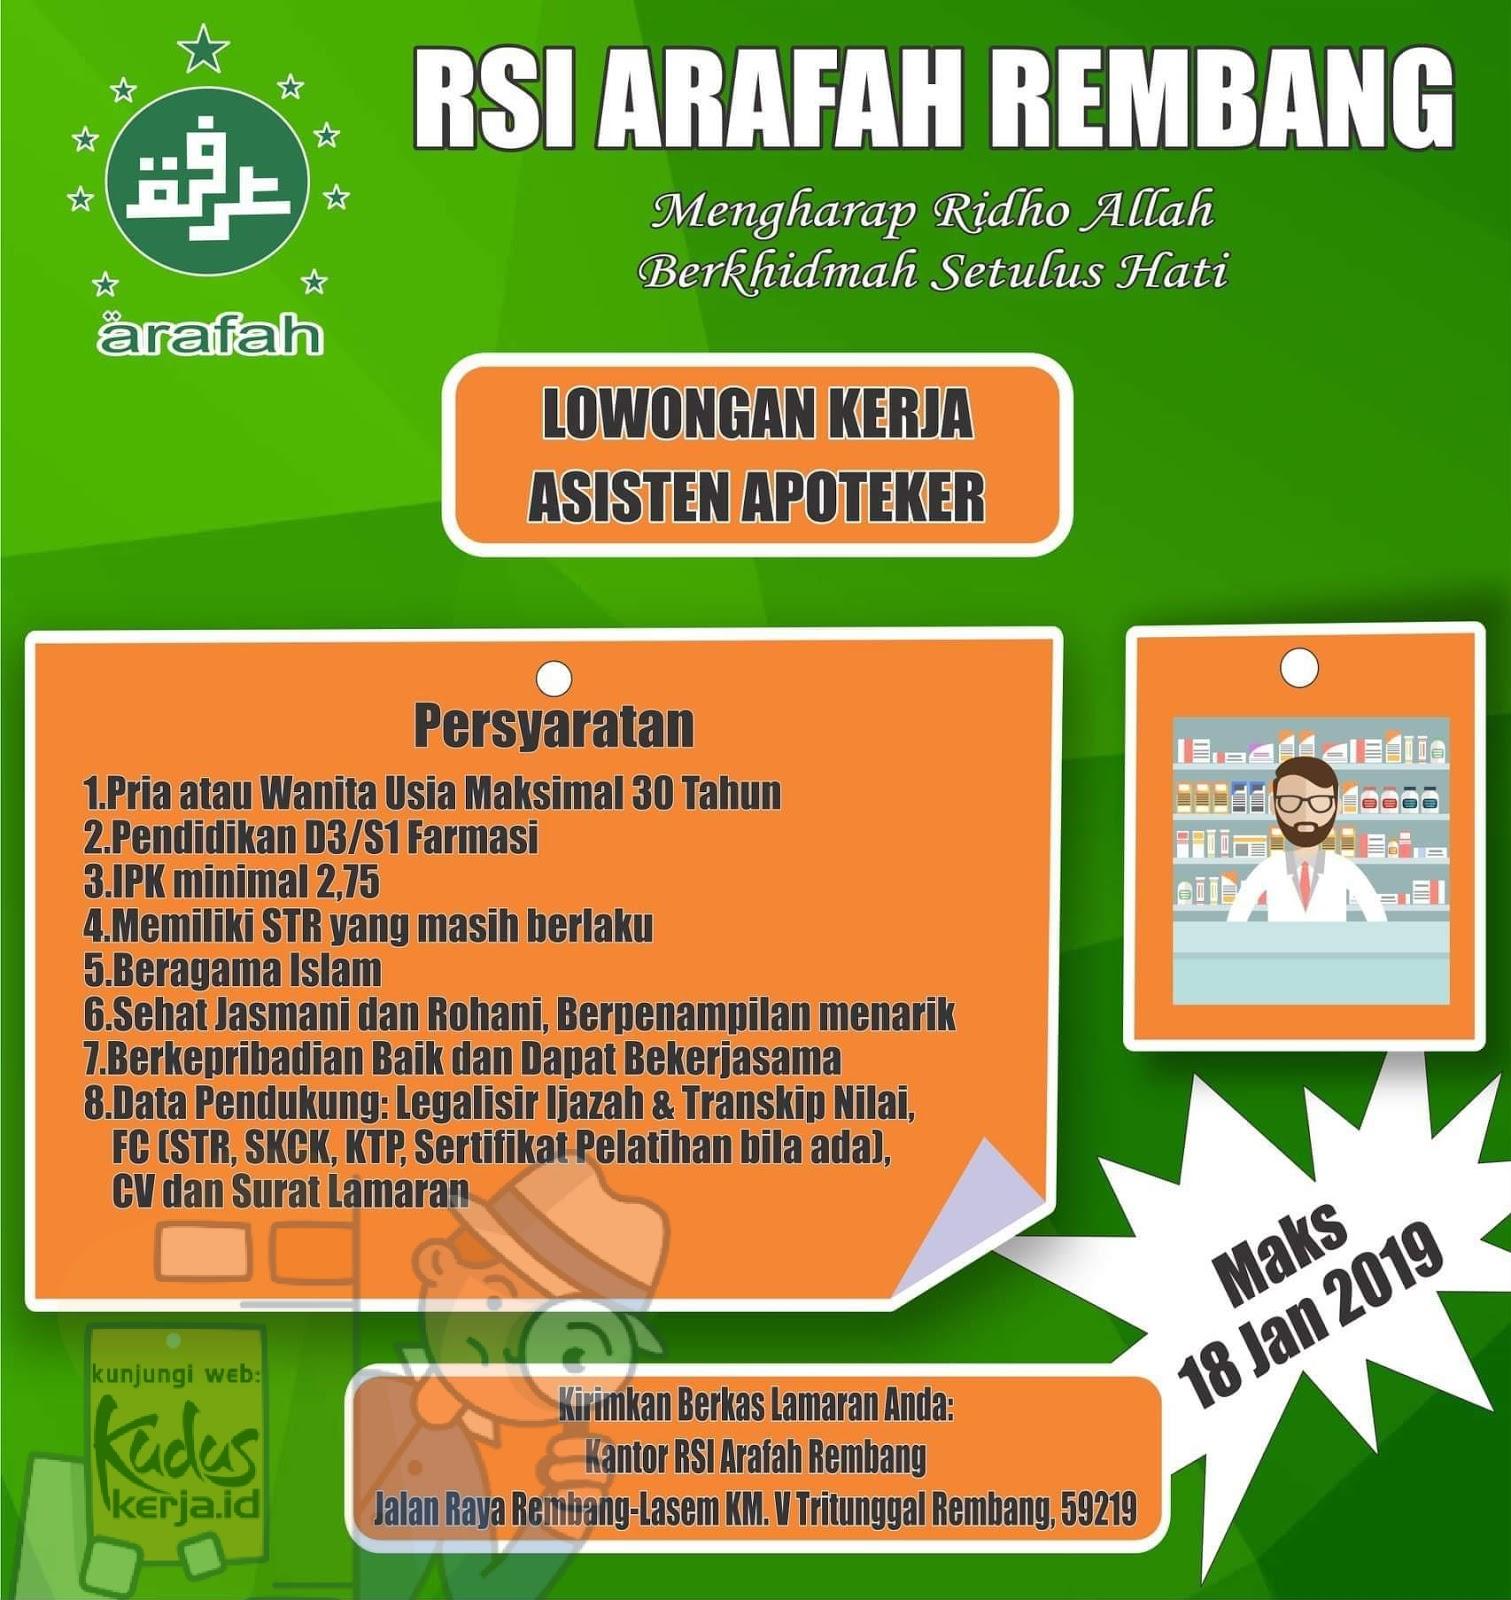 Kudus Kerja lowongan Kerja RSI ARAFAH REMBANG sedang membuka lowongan kerja untuk posisi ASISTEN APOTEKER. Silahkan lihat pada gambar dibawah ini informasi lengkapnya.